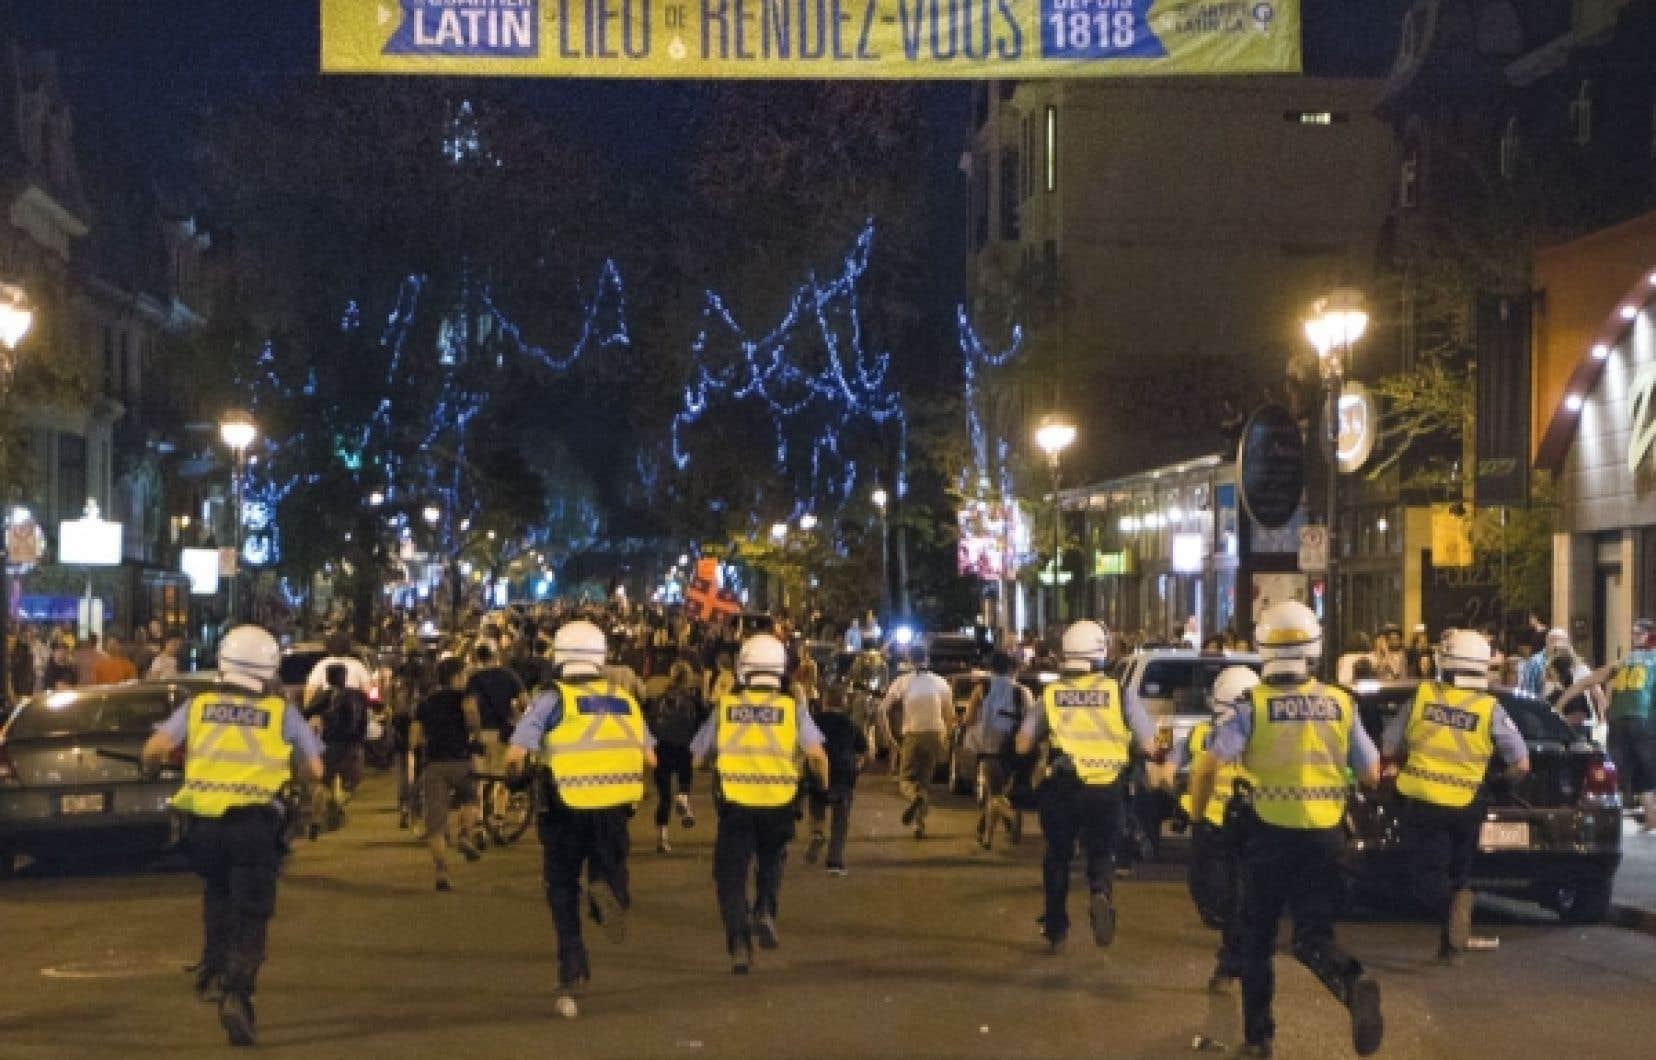 Les images de manifestations qui dégénèrent, comme celles des derniers jours, font le tour du monde et nuisent à l'image du Québec à l'international, déplore le Parti québécois.